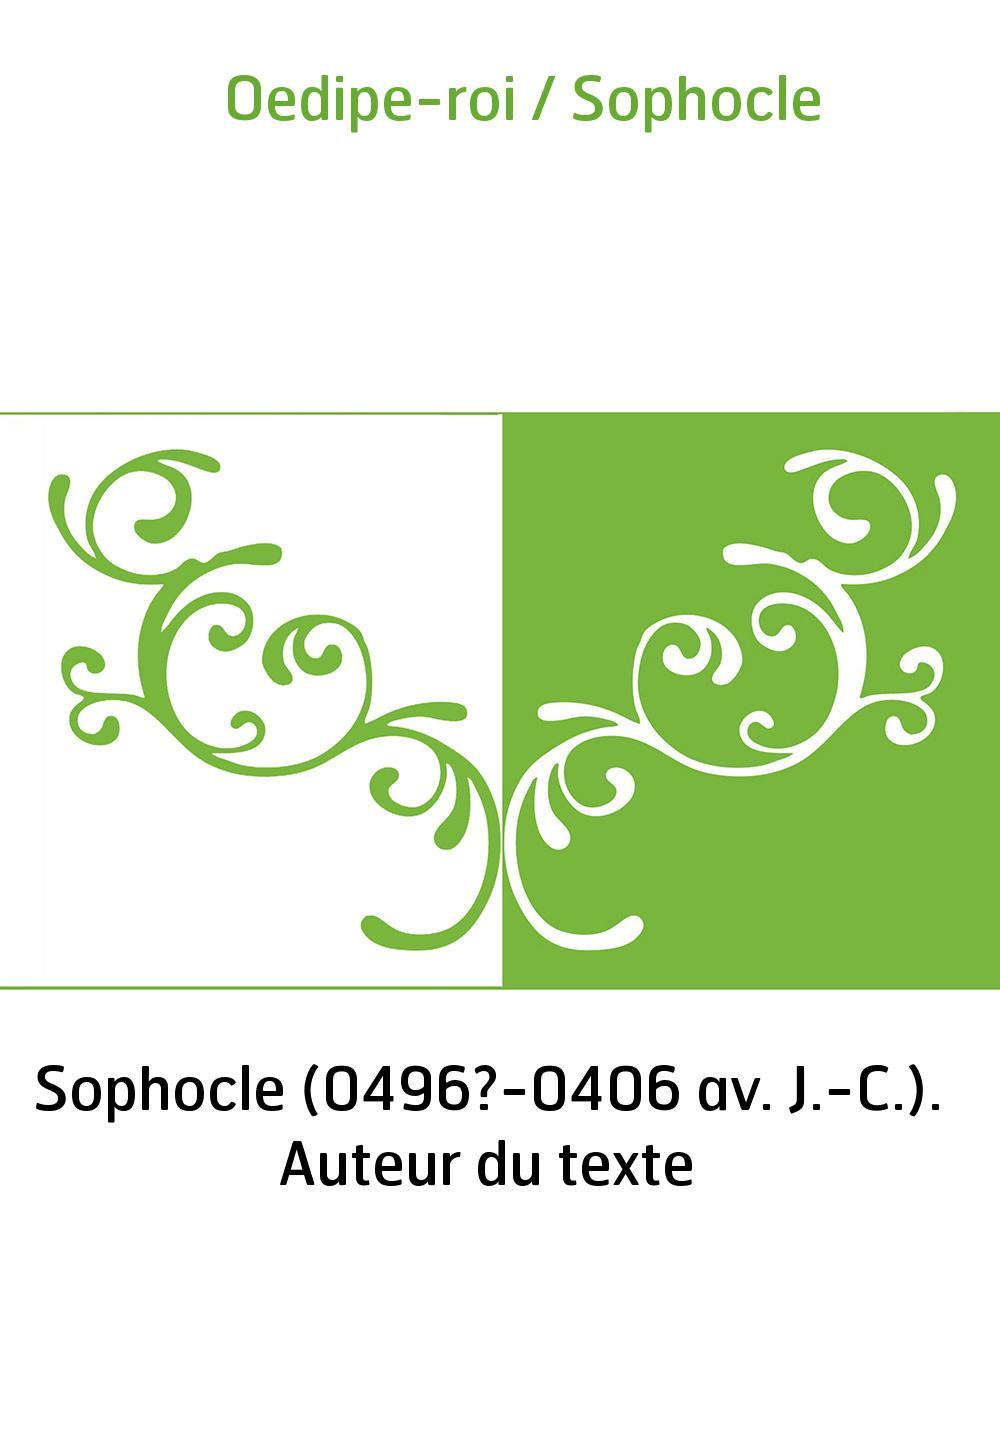 Oedipe-roi / Sophocle